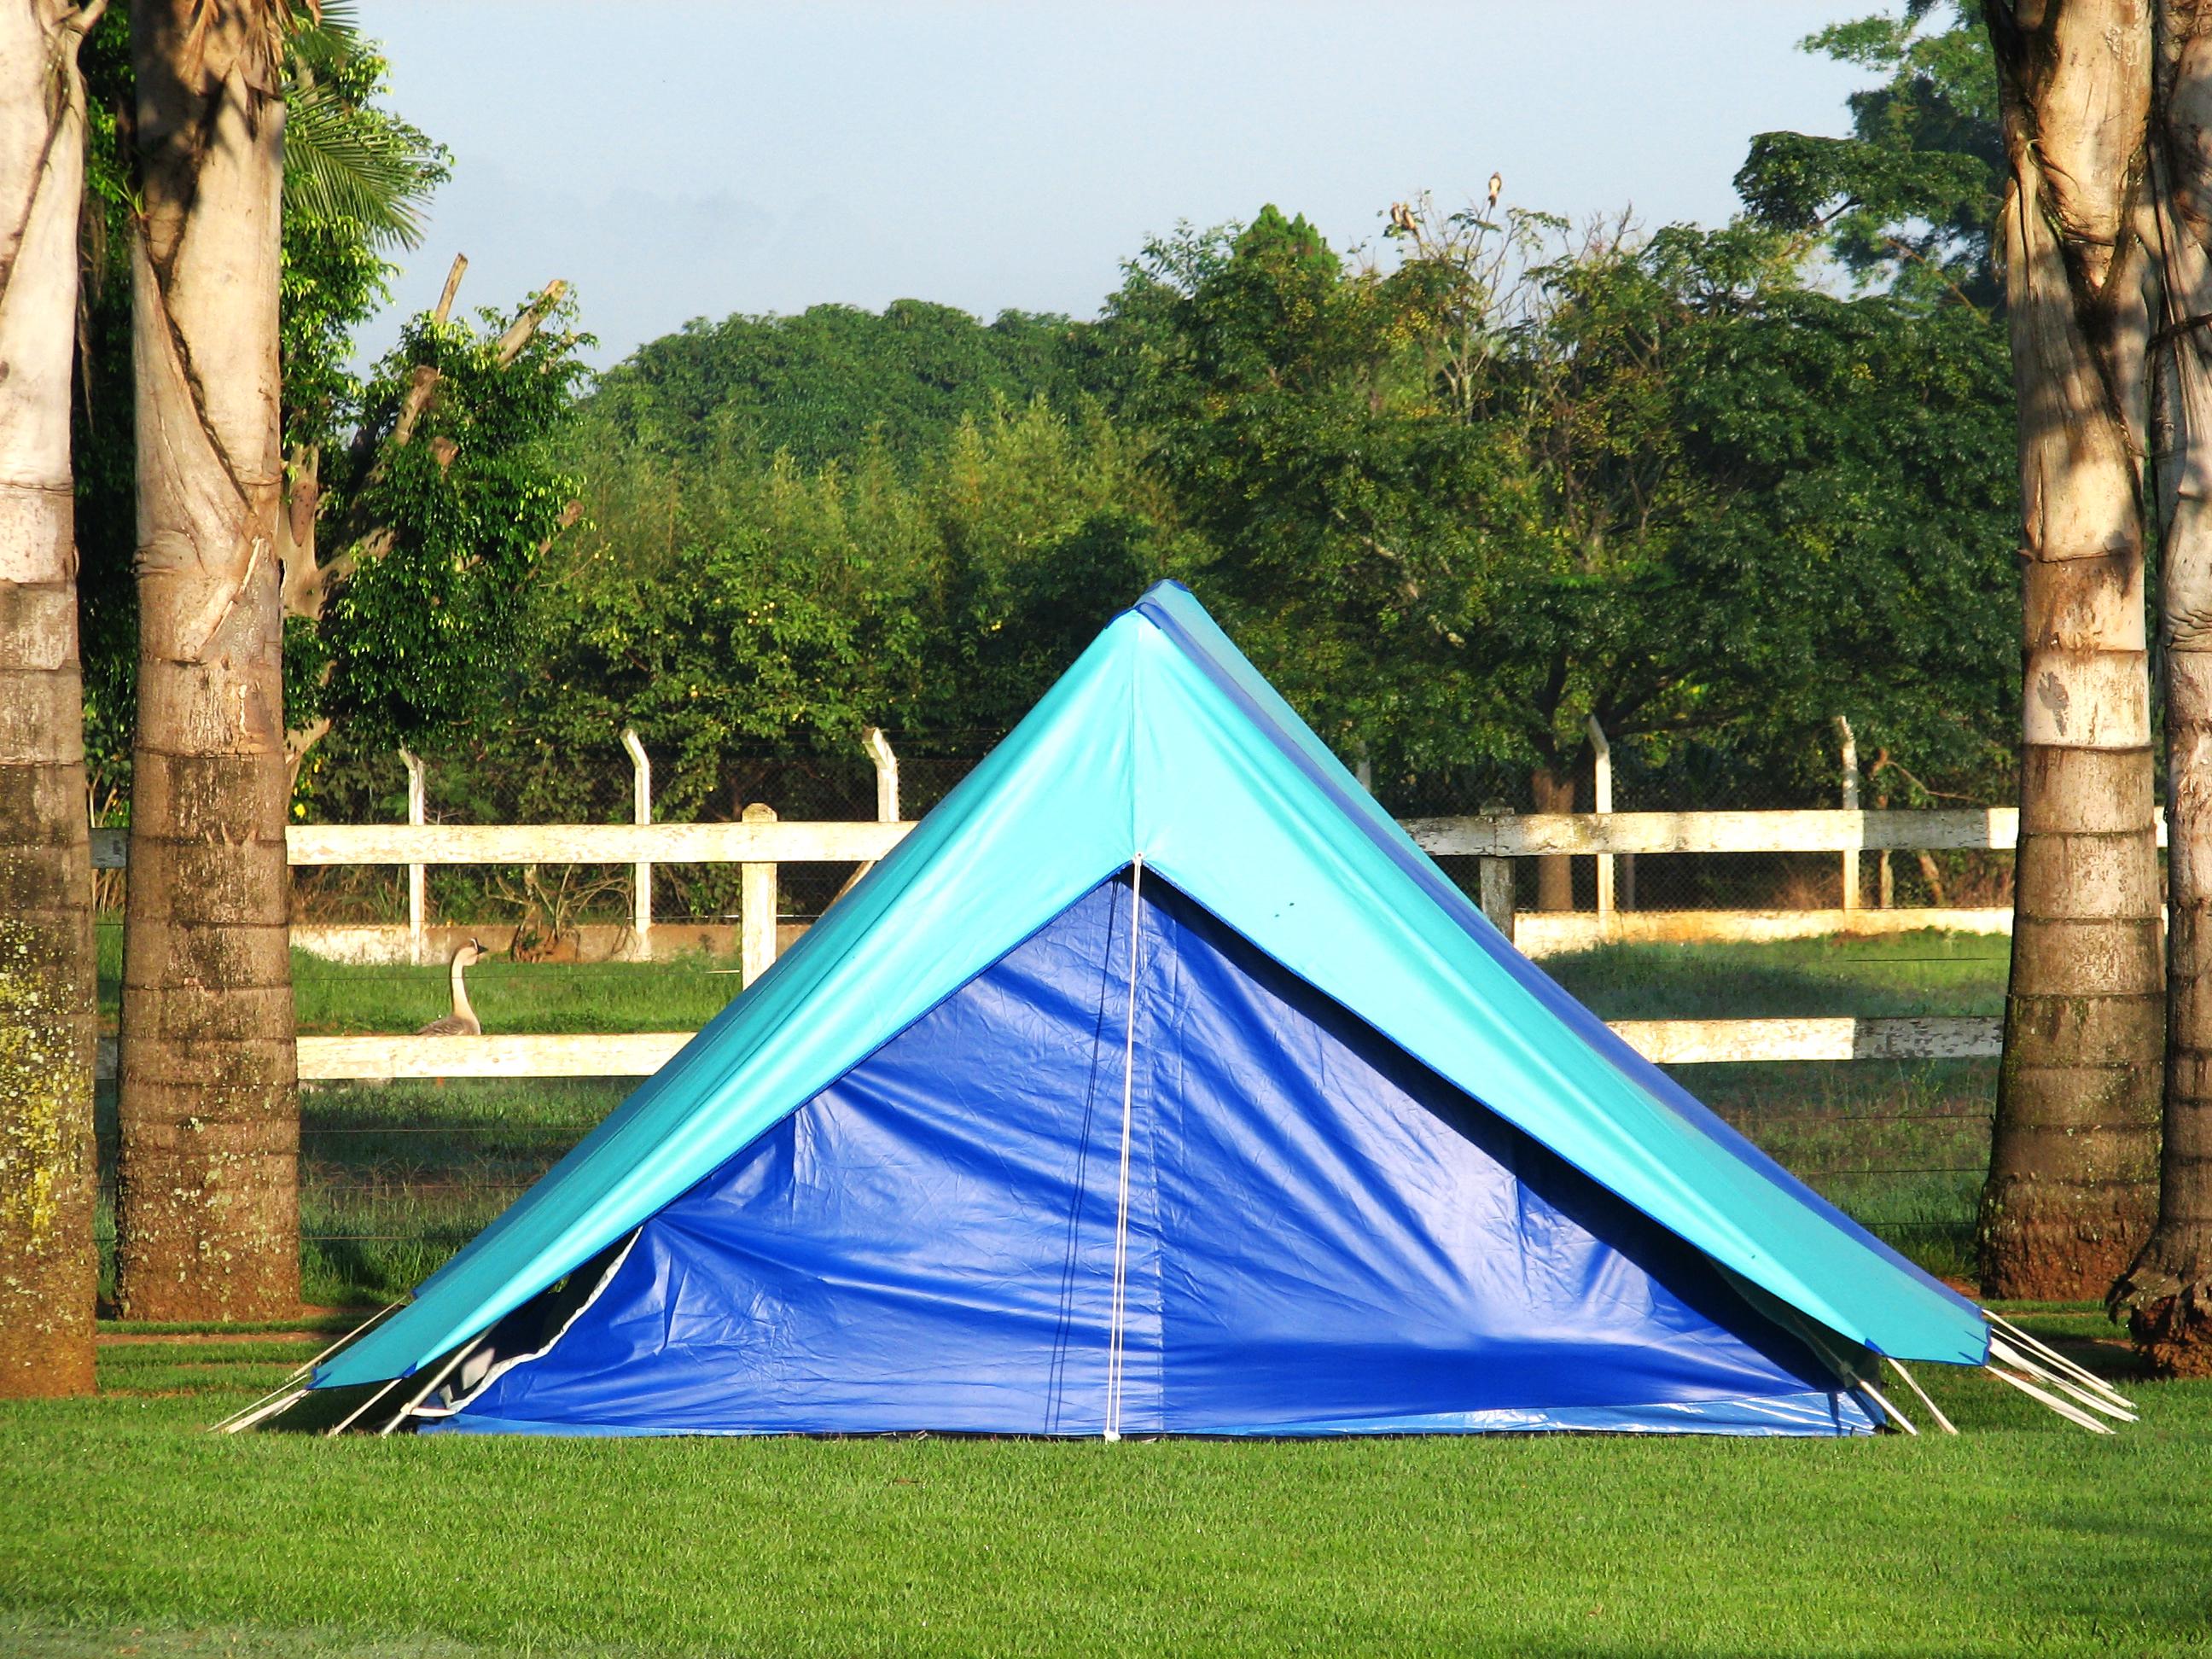 Campingurlaub in Deutschland – Welcher Campingtyp sind Sie?